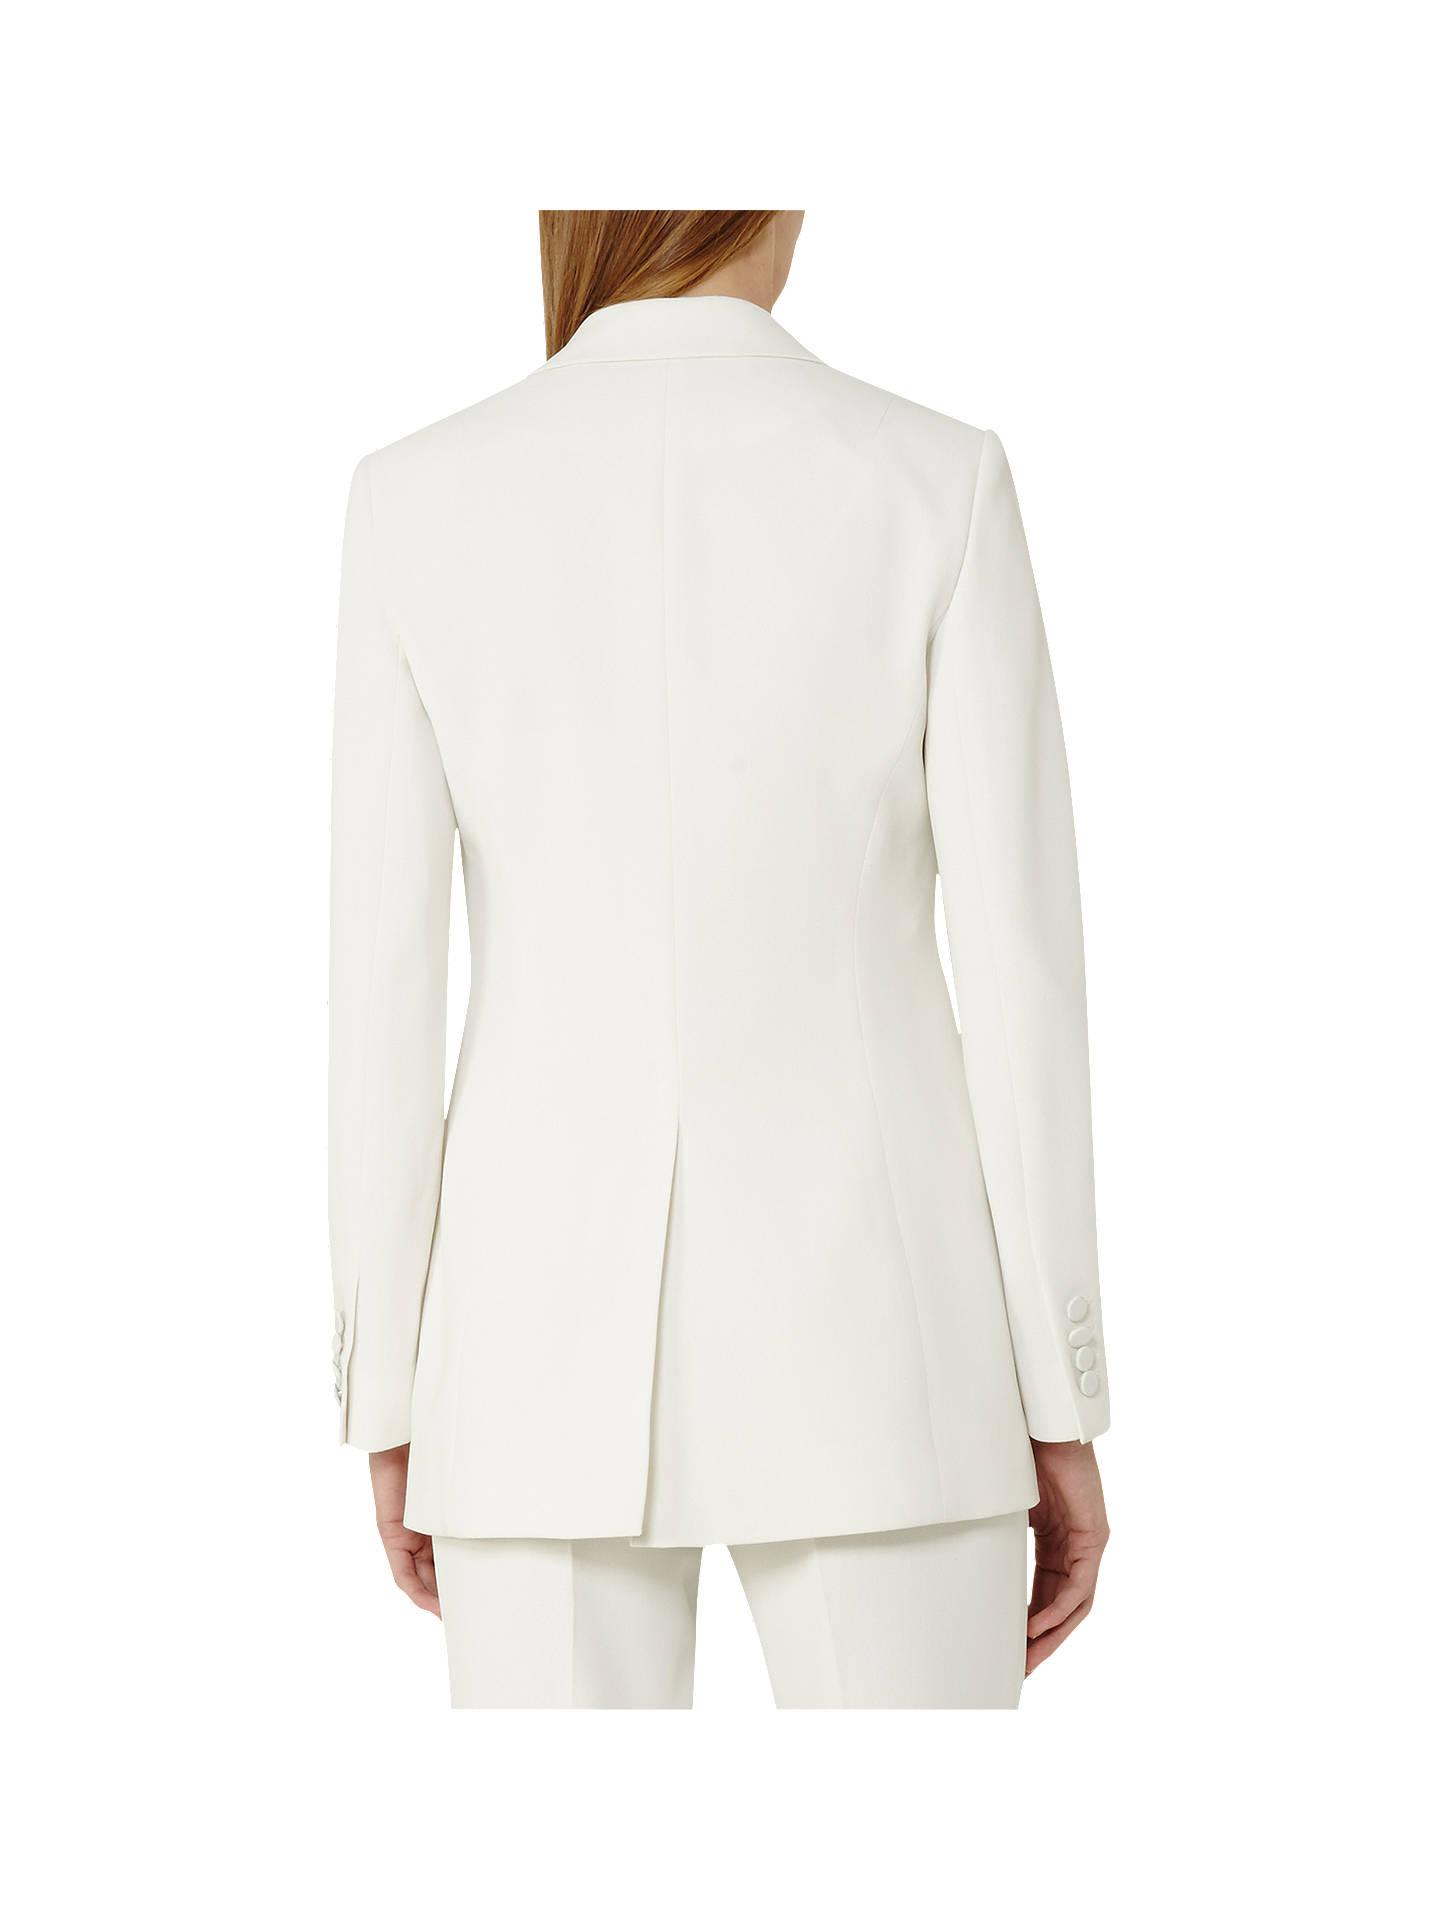 Reiss Women's Rox Jacket Off White